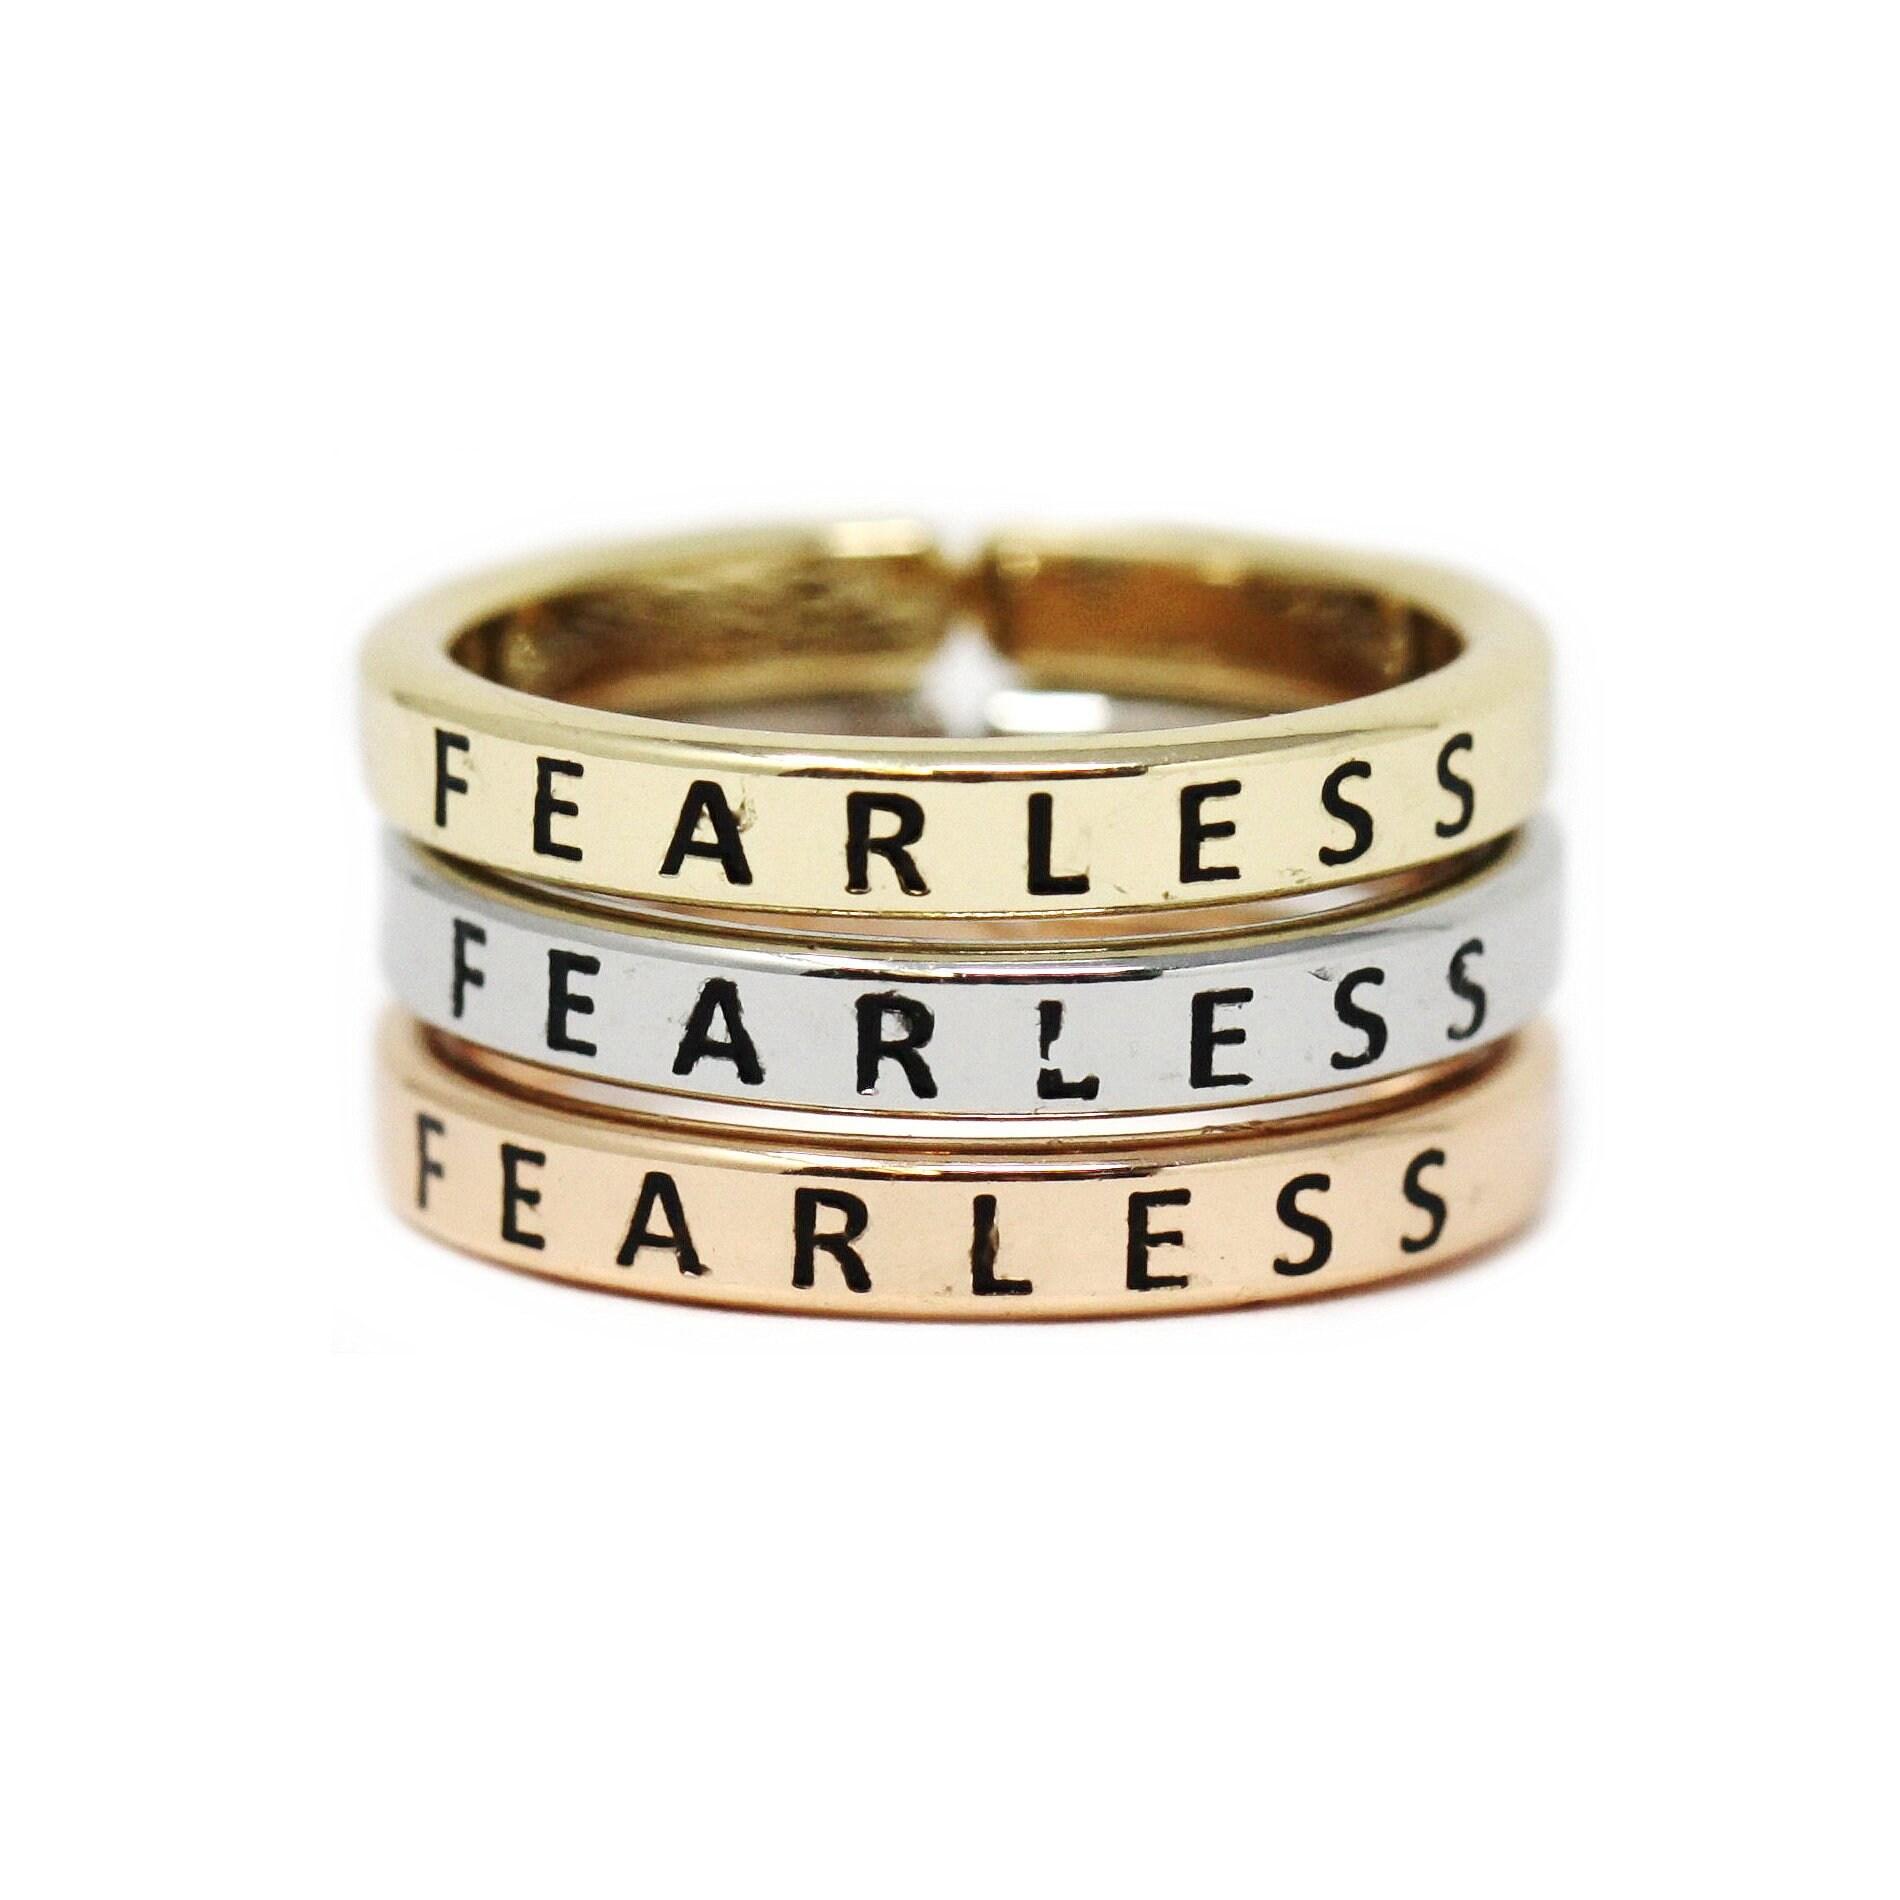 Fearless Rings